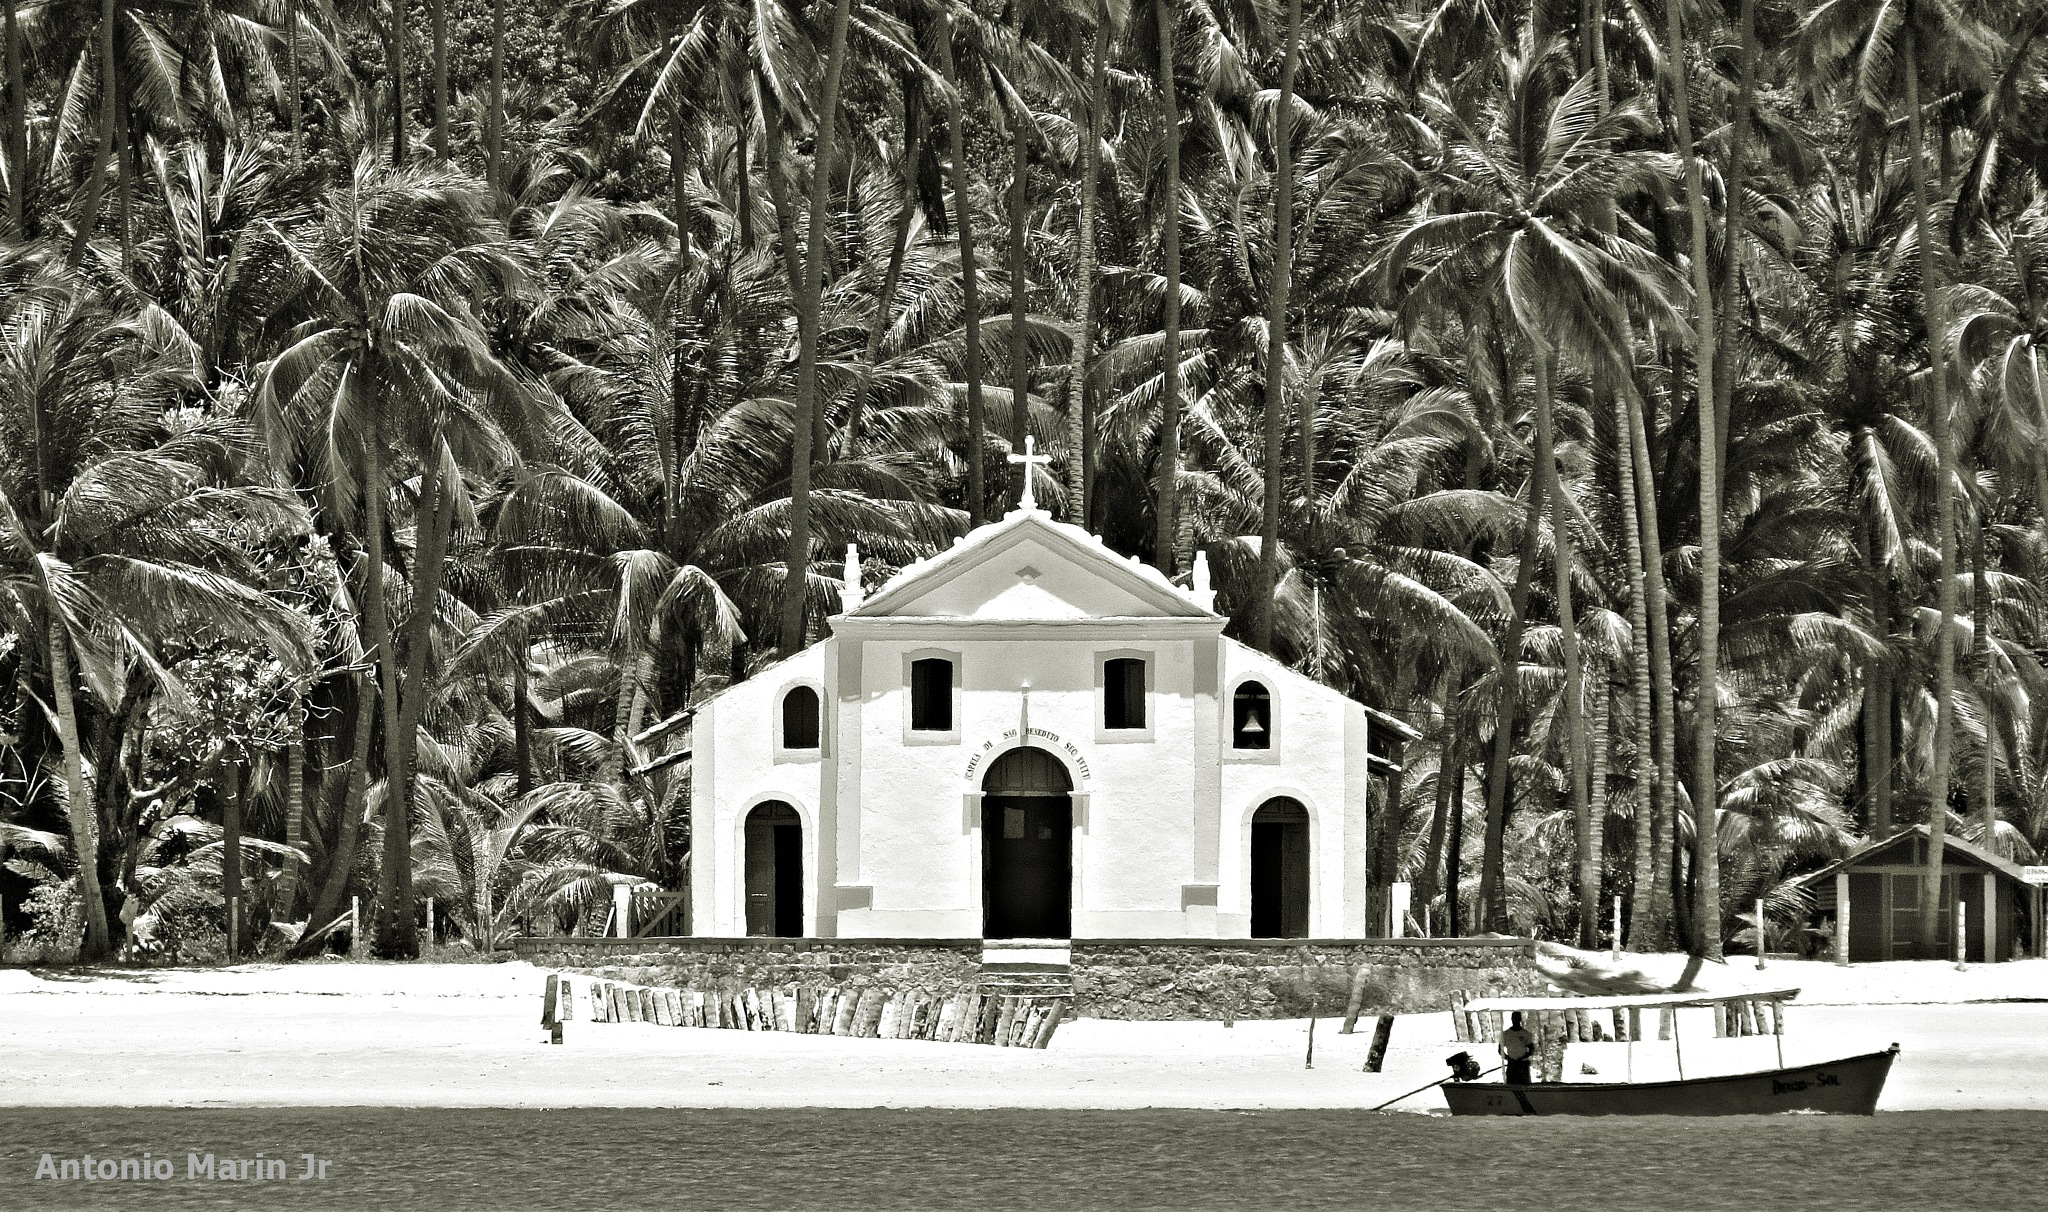 Capela by Antonio Marin Jr